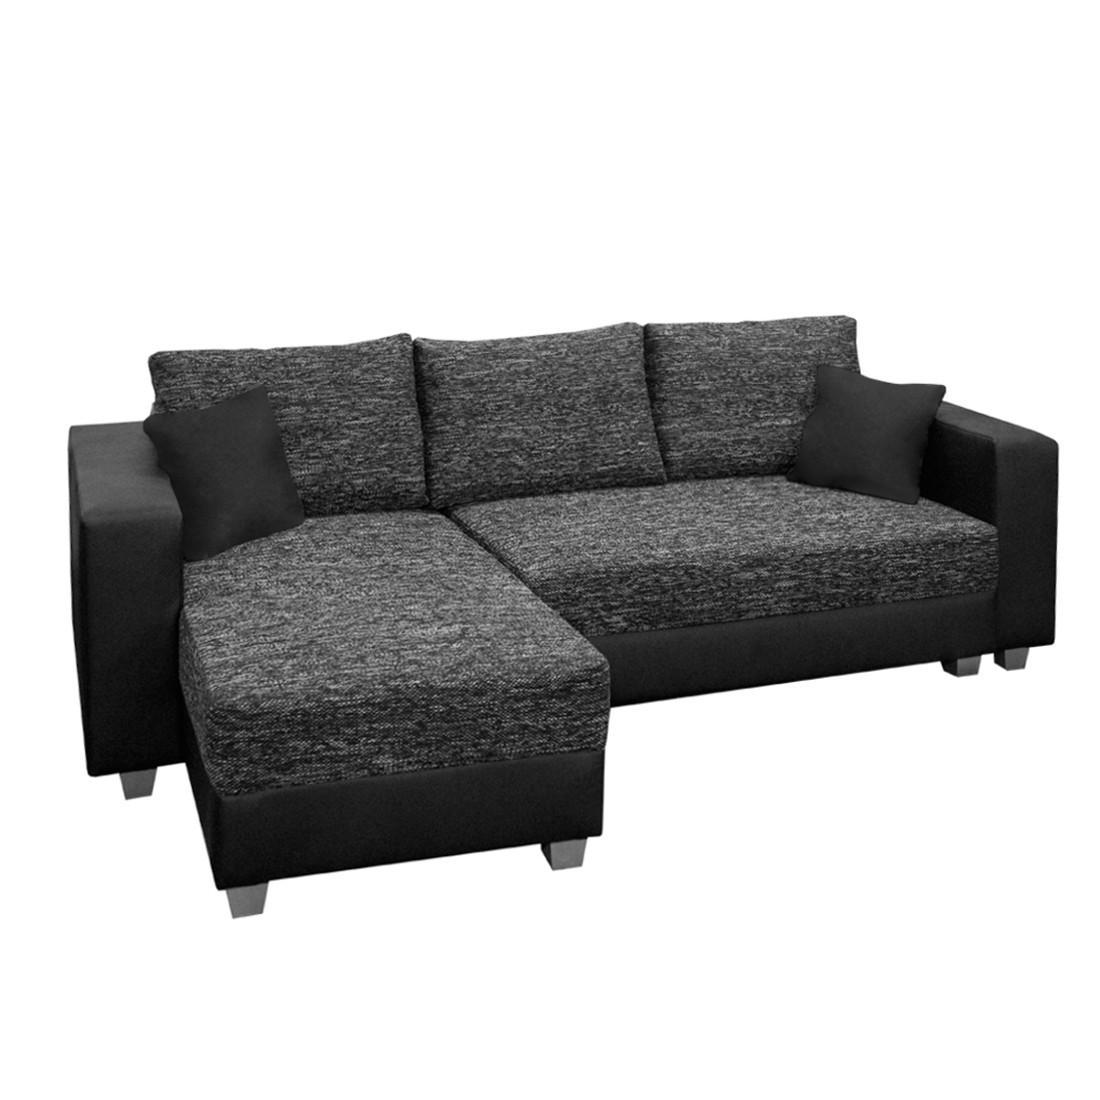 Canapé d'angle Dublin II (convertible) - Imitation cuir / Tissu structuré - Méridienne à monter à ga